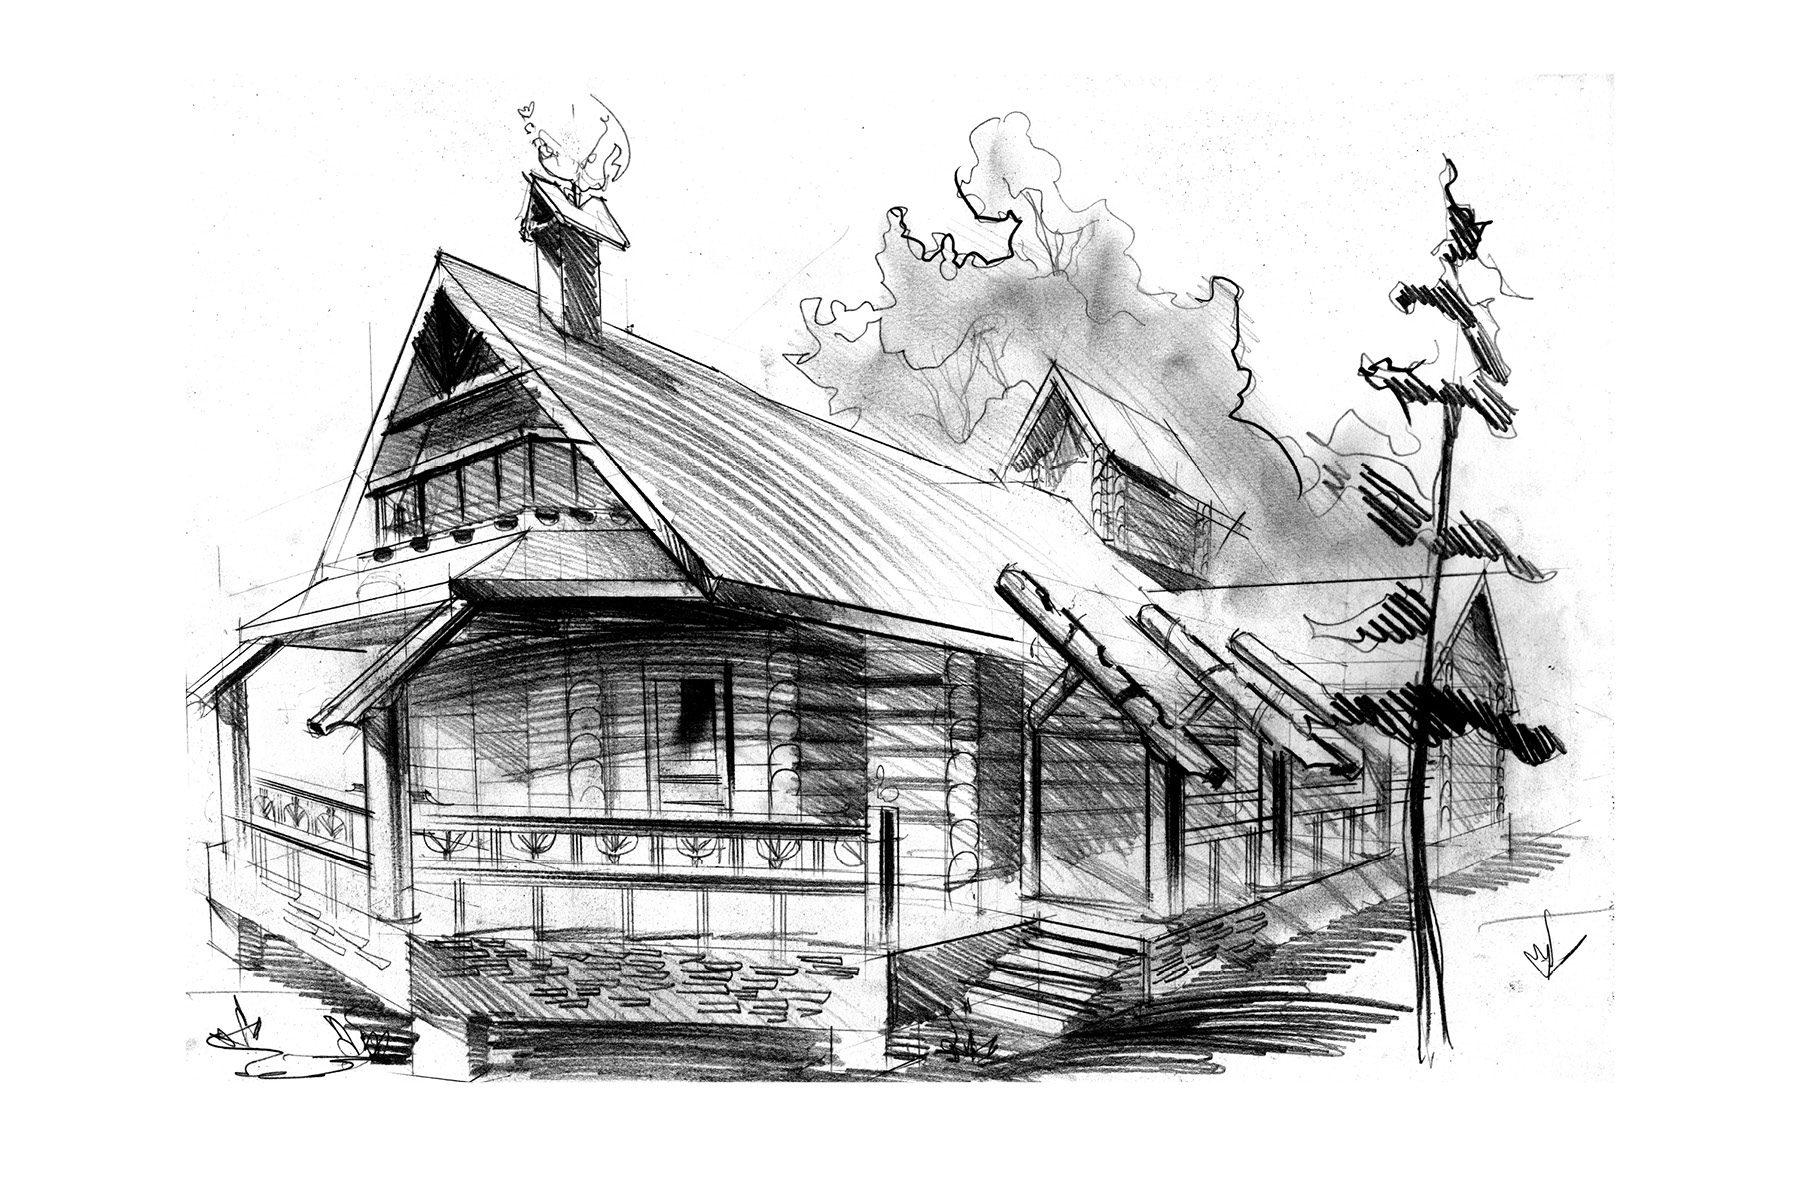 Охотничья резиденция, Артыбаш, Алтай